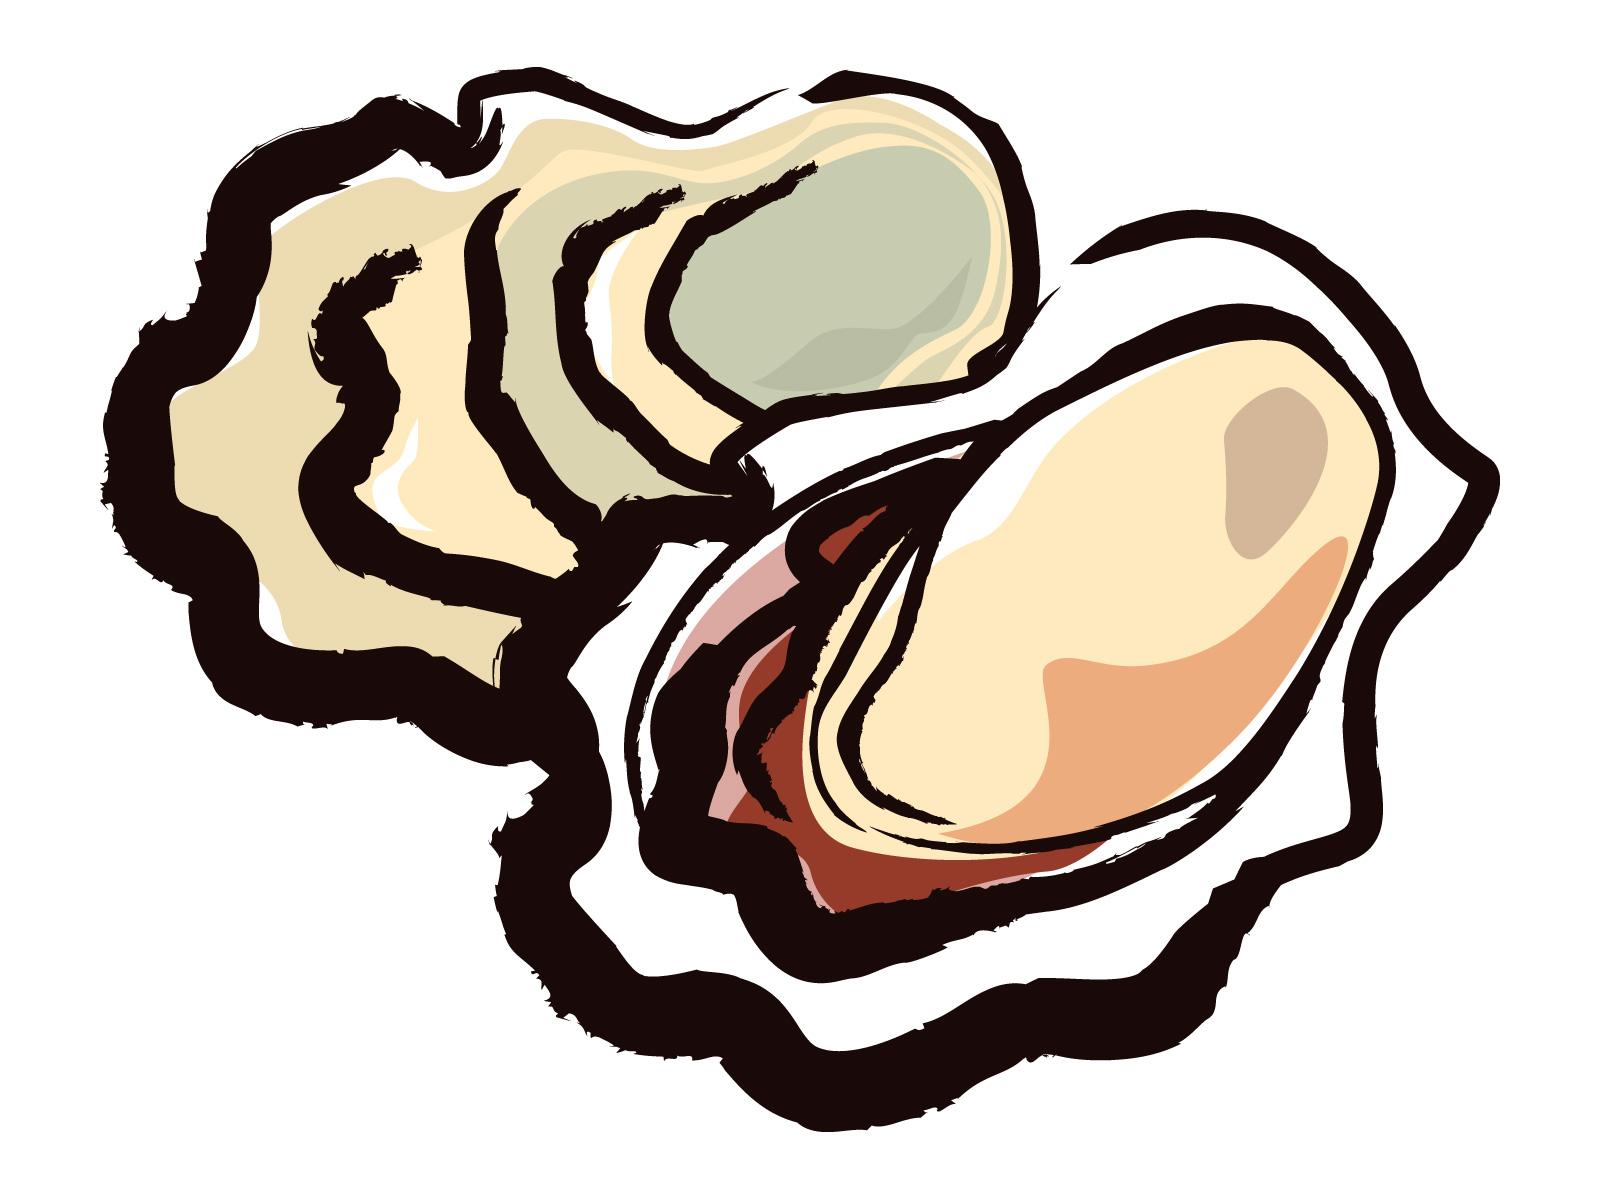 貝類(あわび、シジミなど)に含まれている糖質はどれくらいなのか